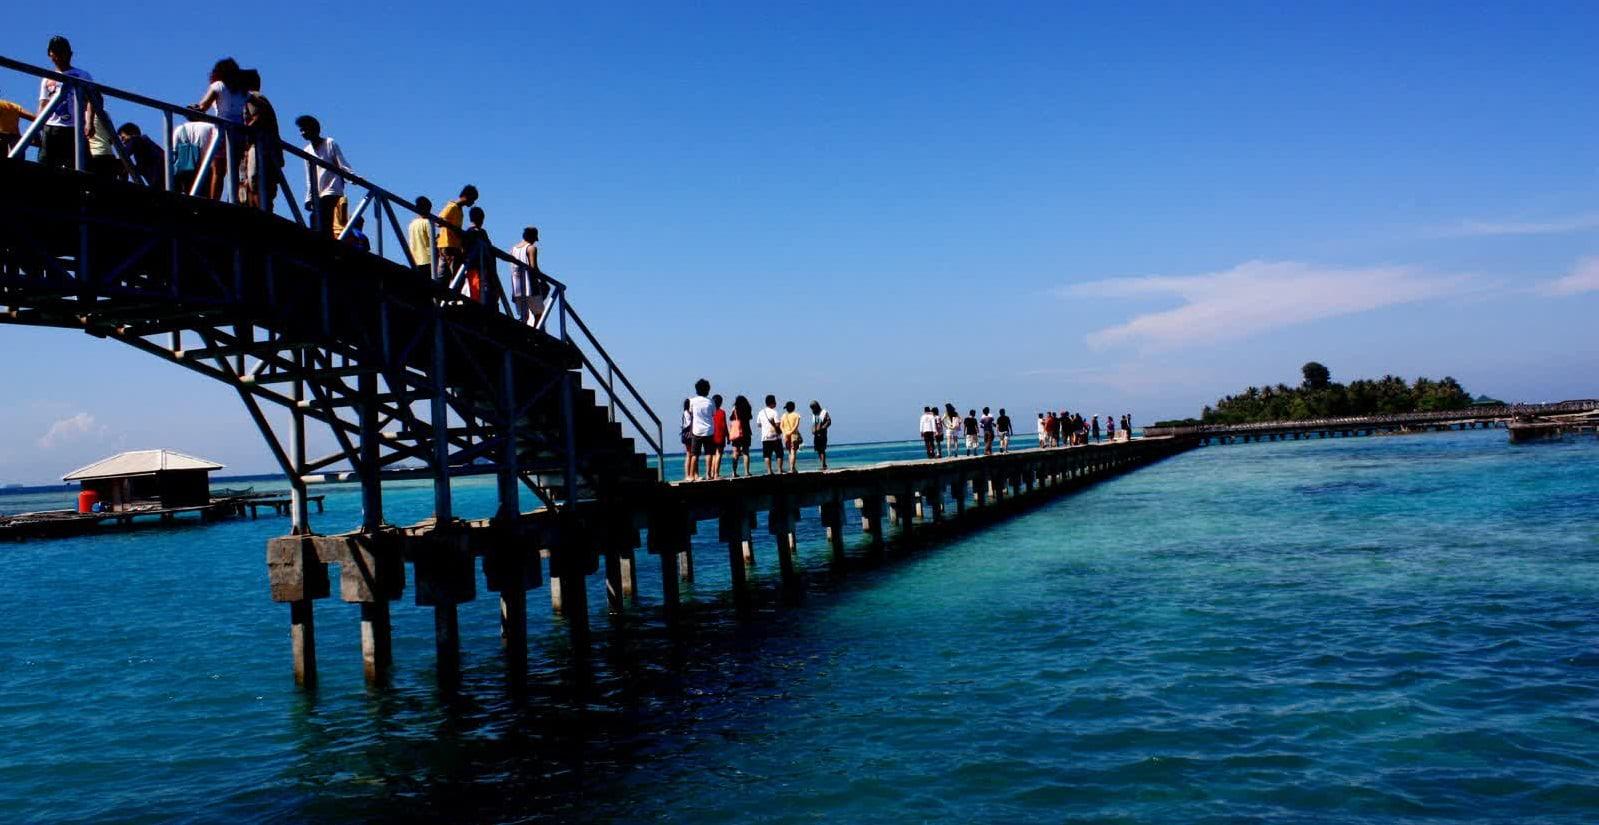 Menikmati Suasana Pantai di Kepulauan Seribu yang mempesona